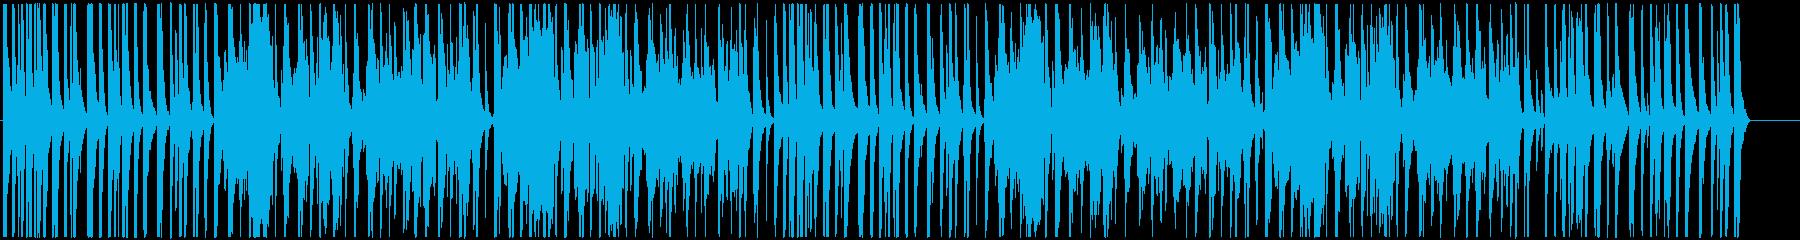 明るく軽快な和風BGMの再生済みの波形